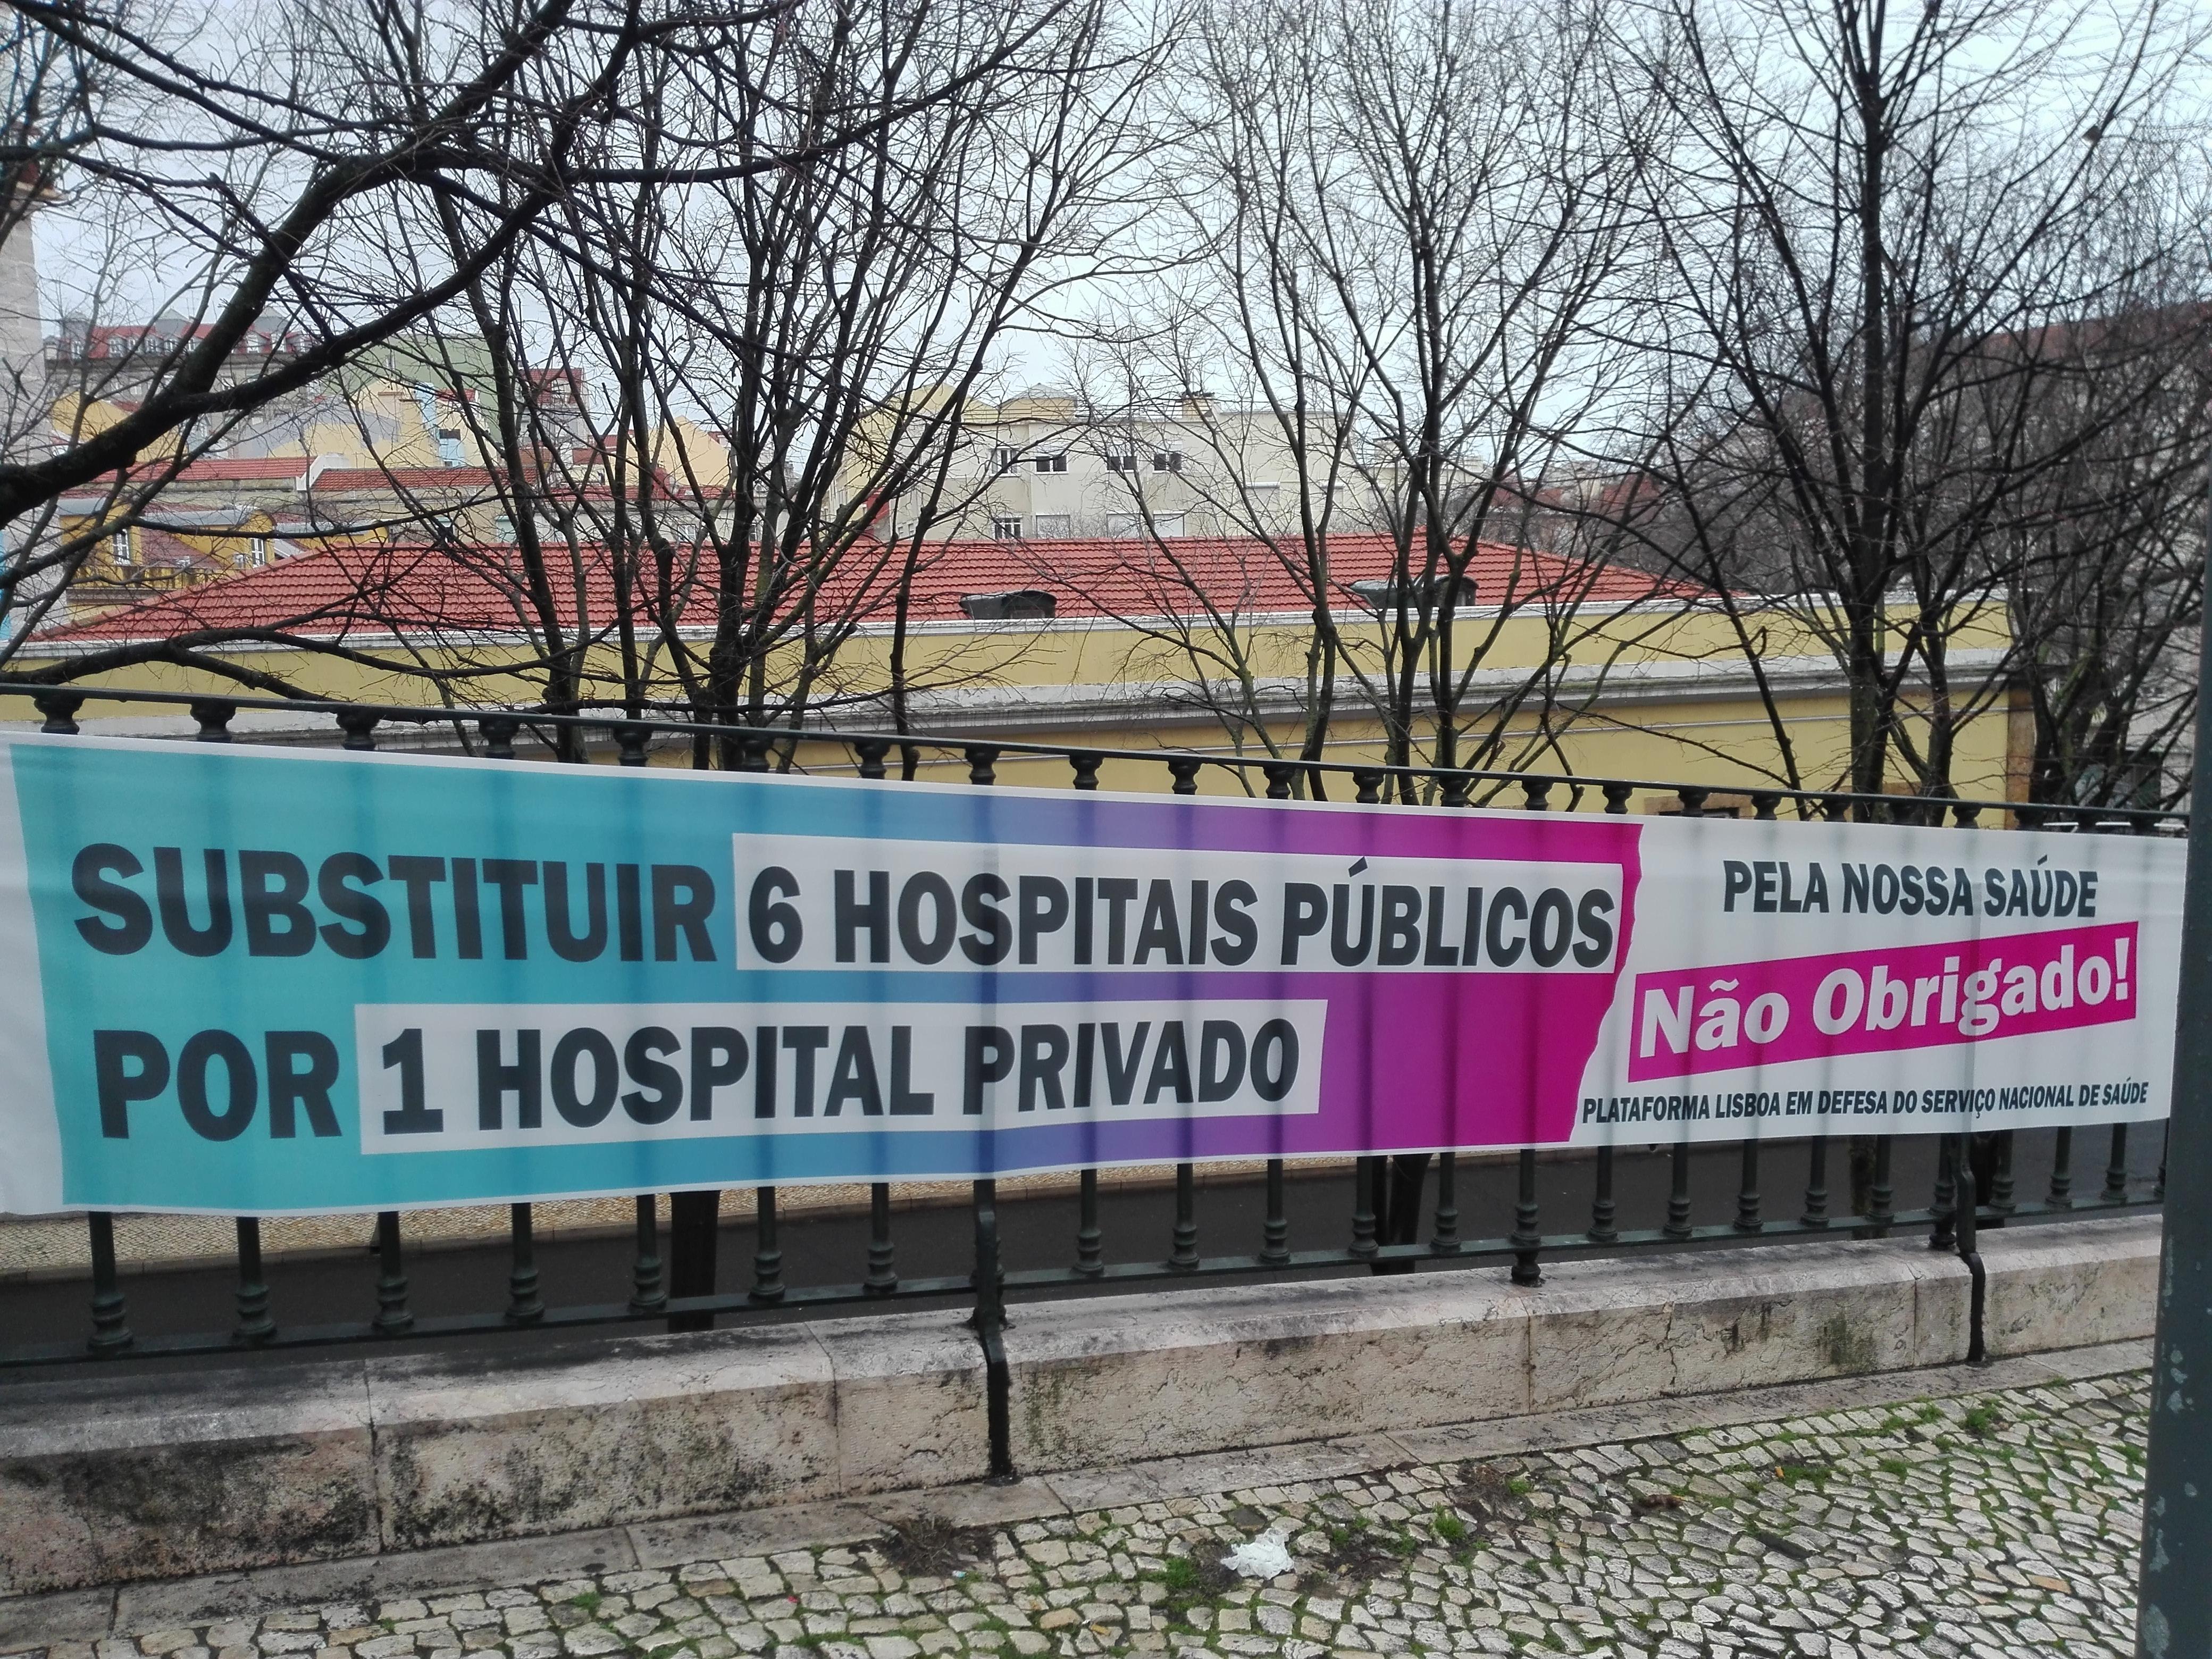 Sobre a falta de capacidade de resposta em várias urgências nos hospitais